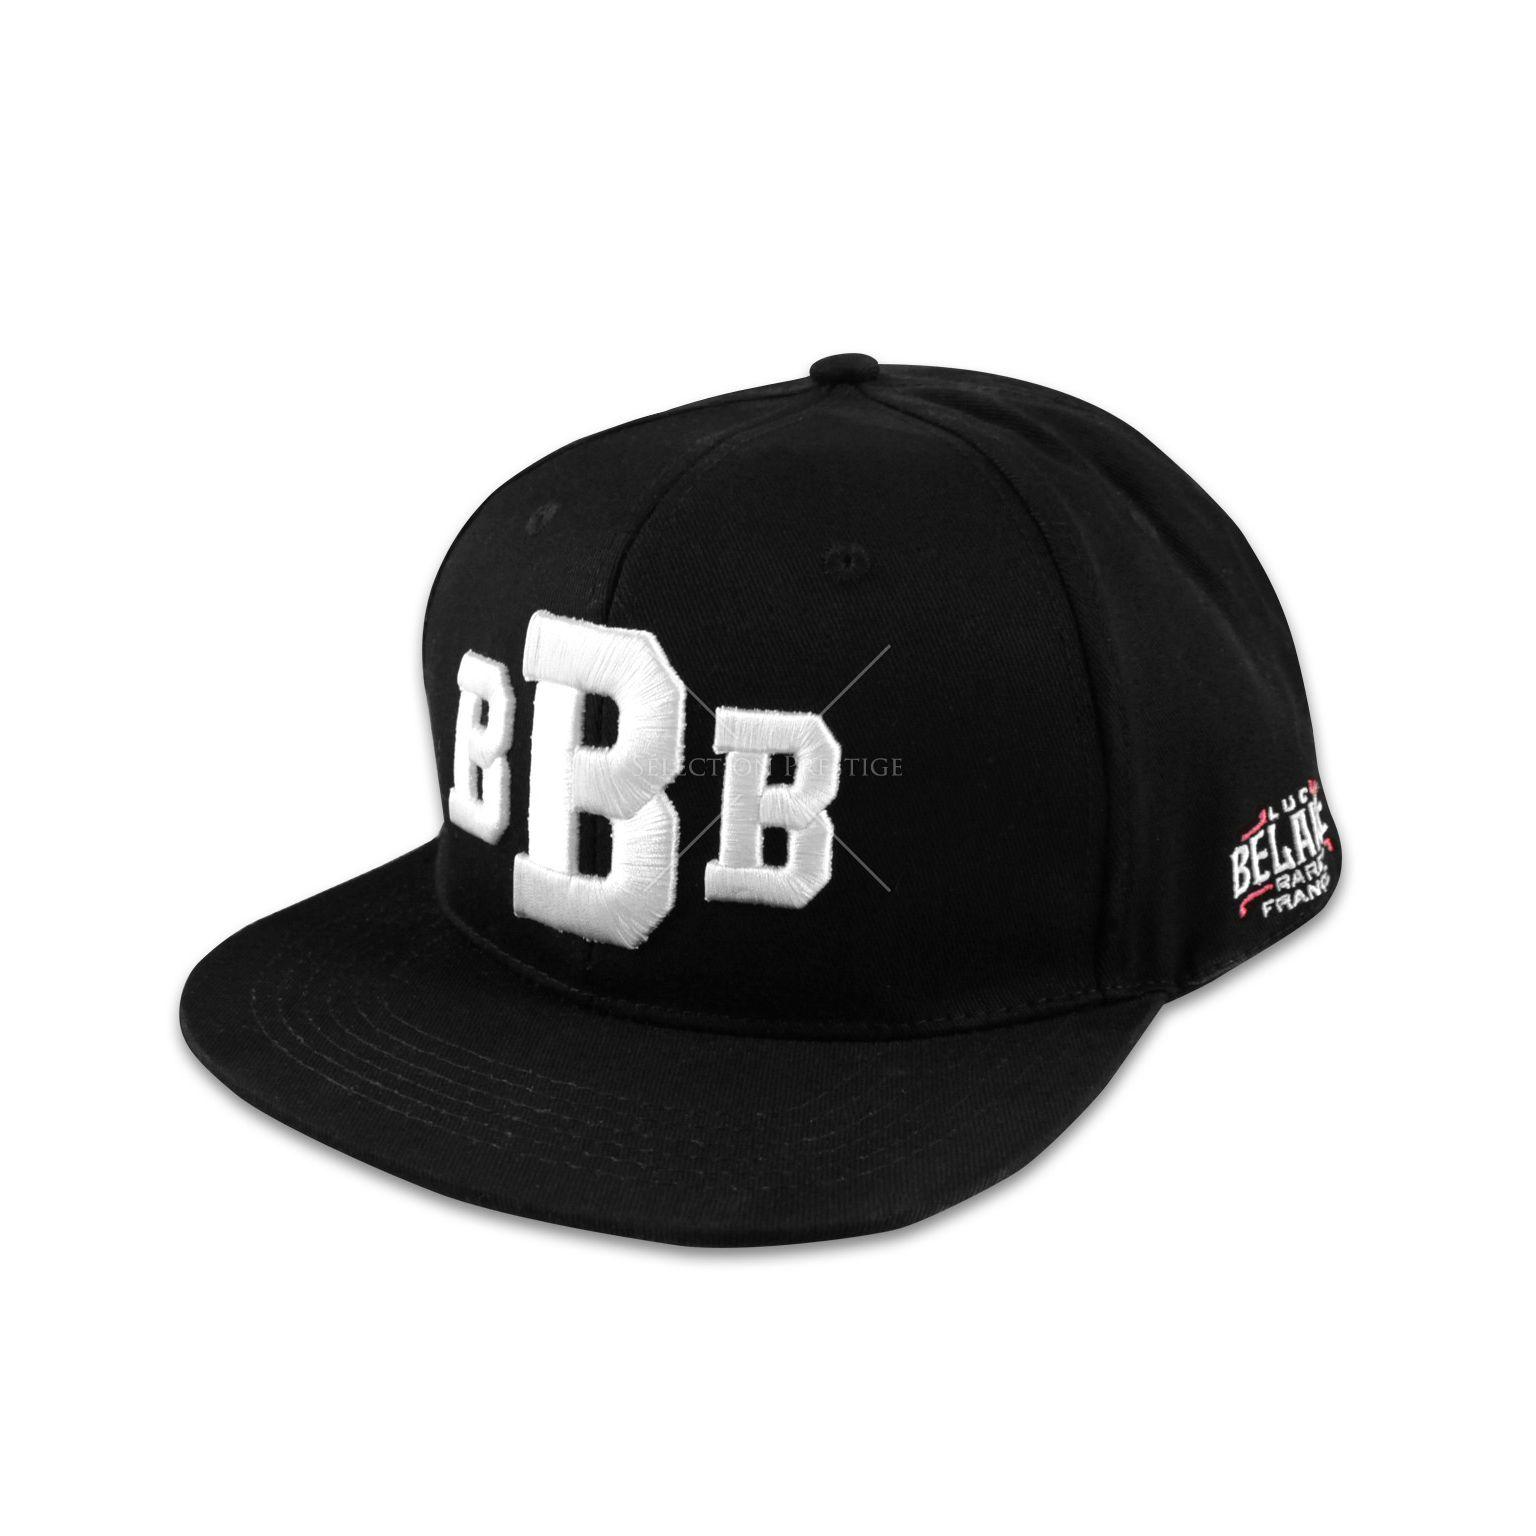 Luc Belaire Cap - Fashion - Accessories e6bb55f12fb